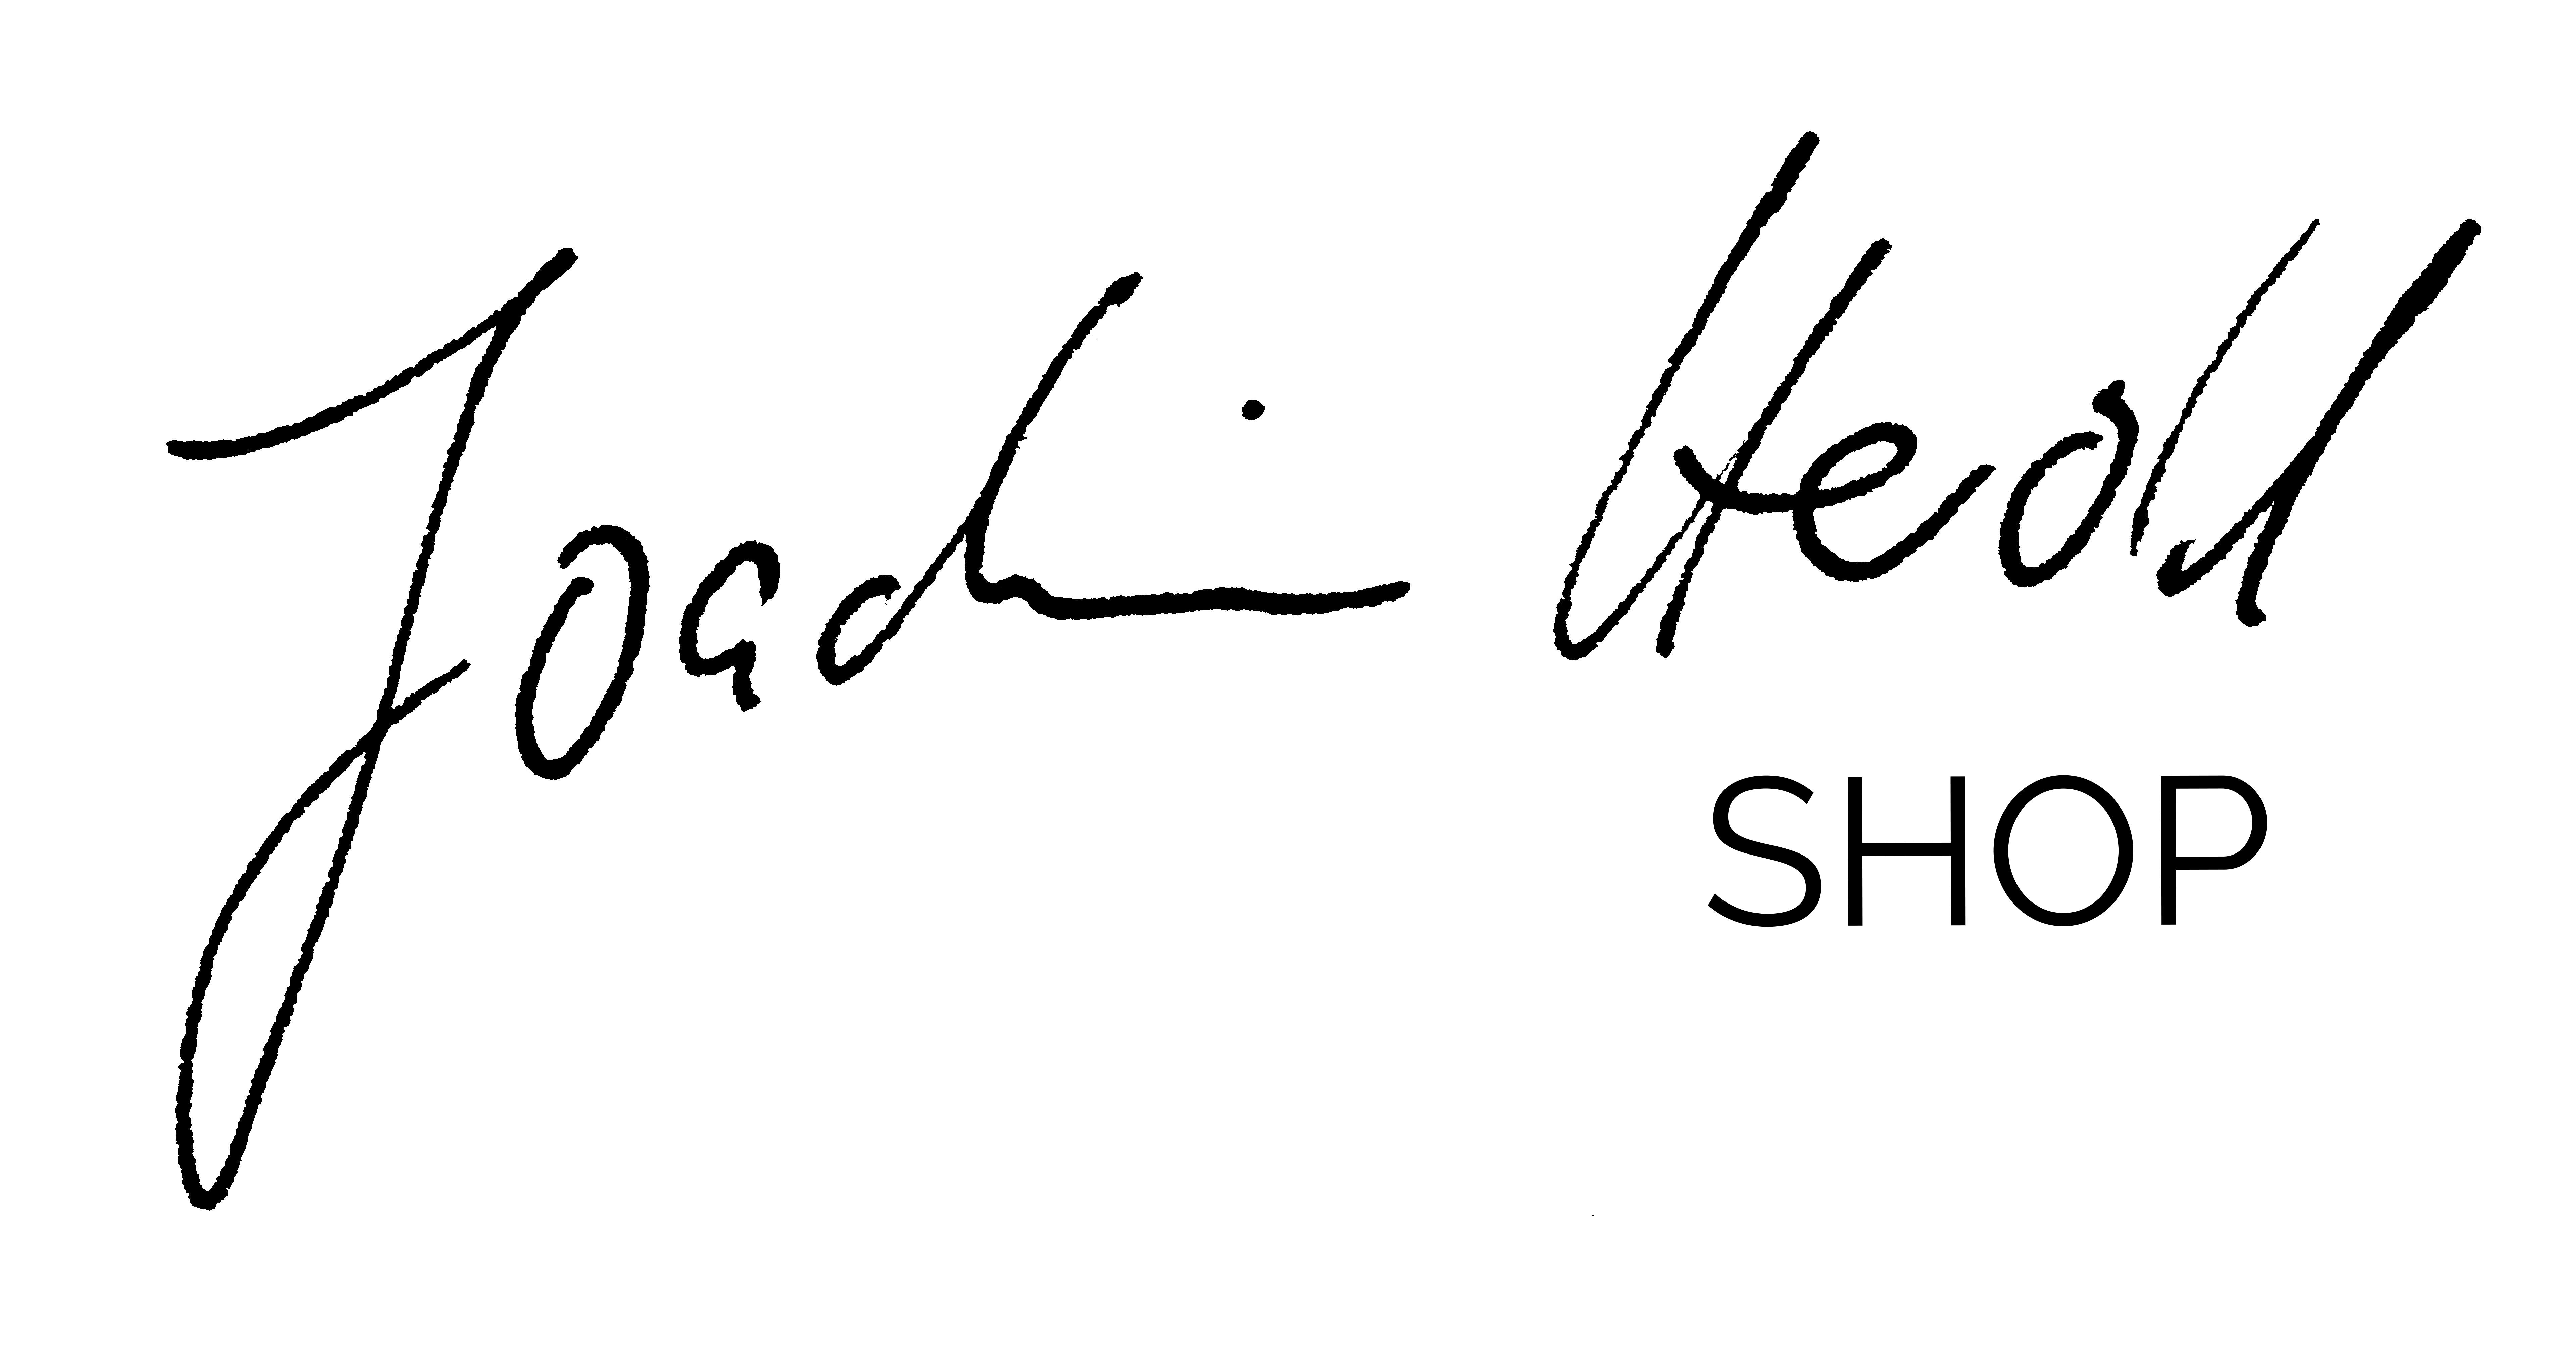 Joachim Herold Shop